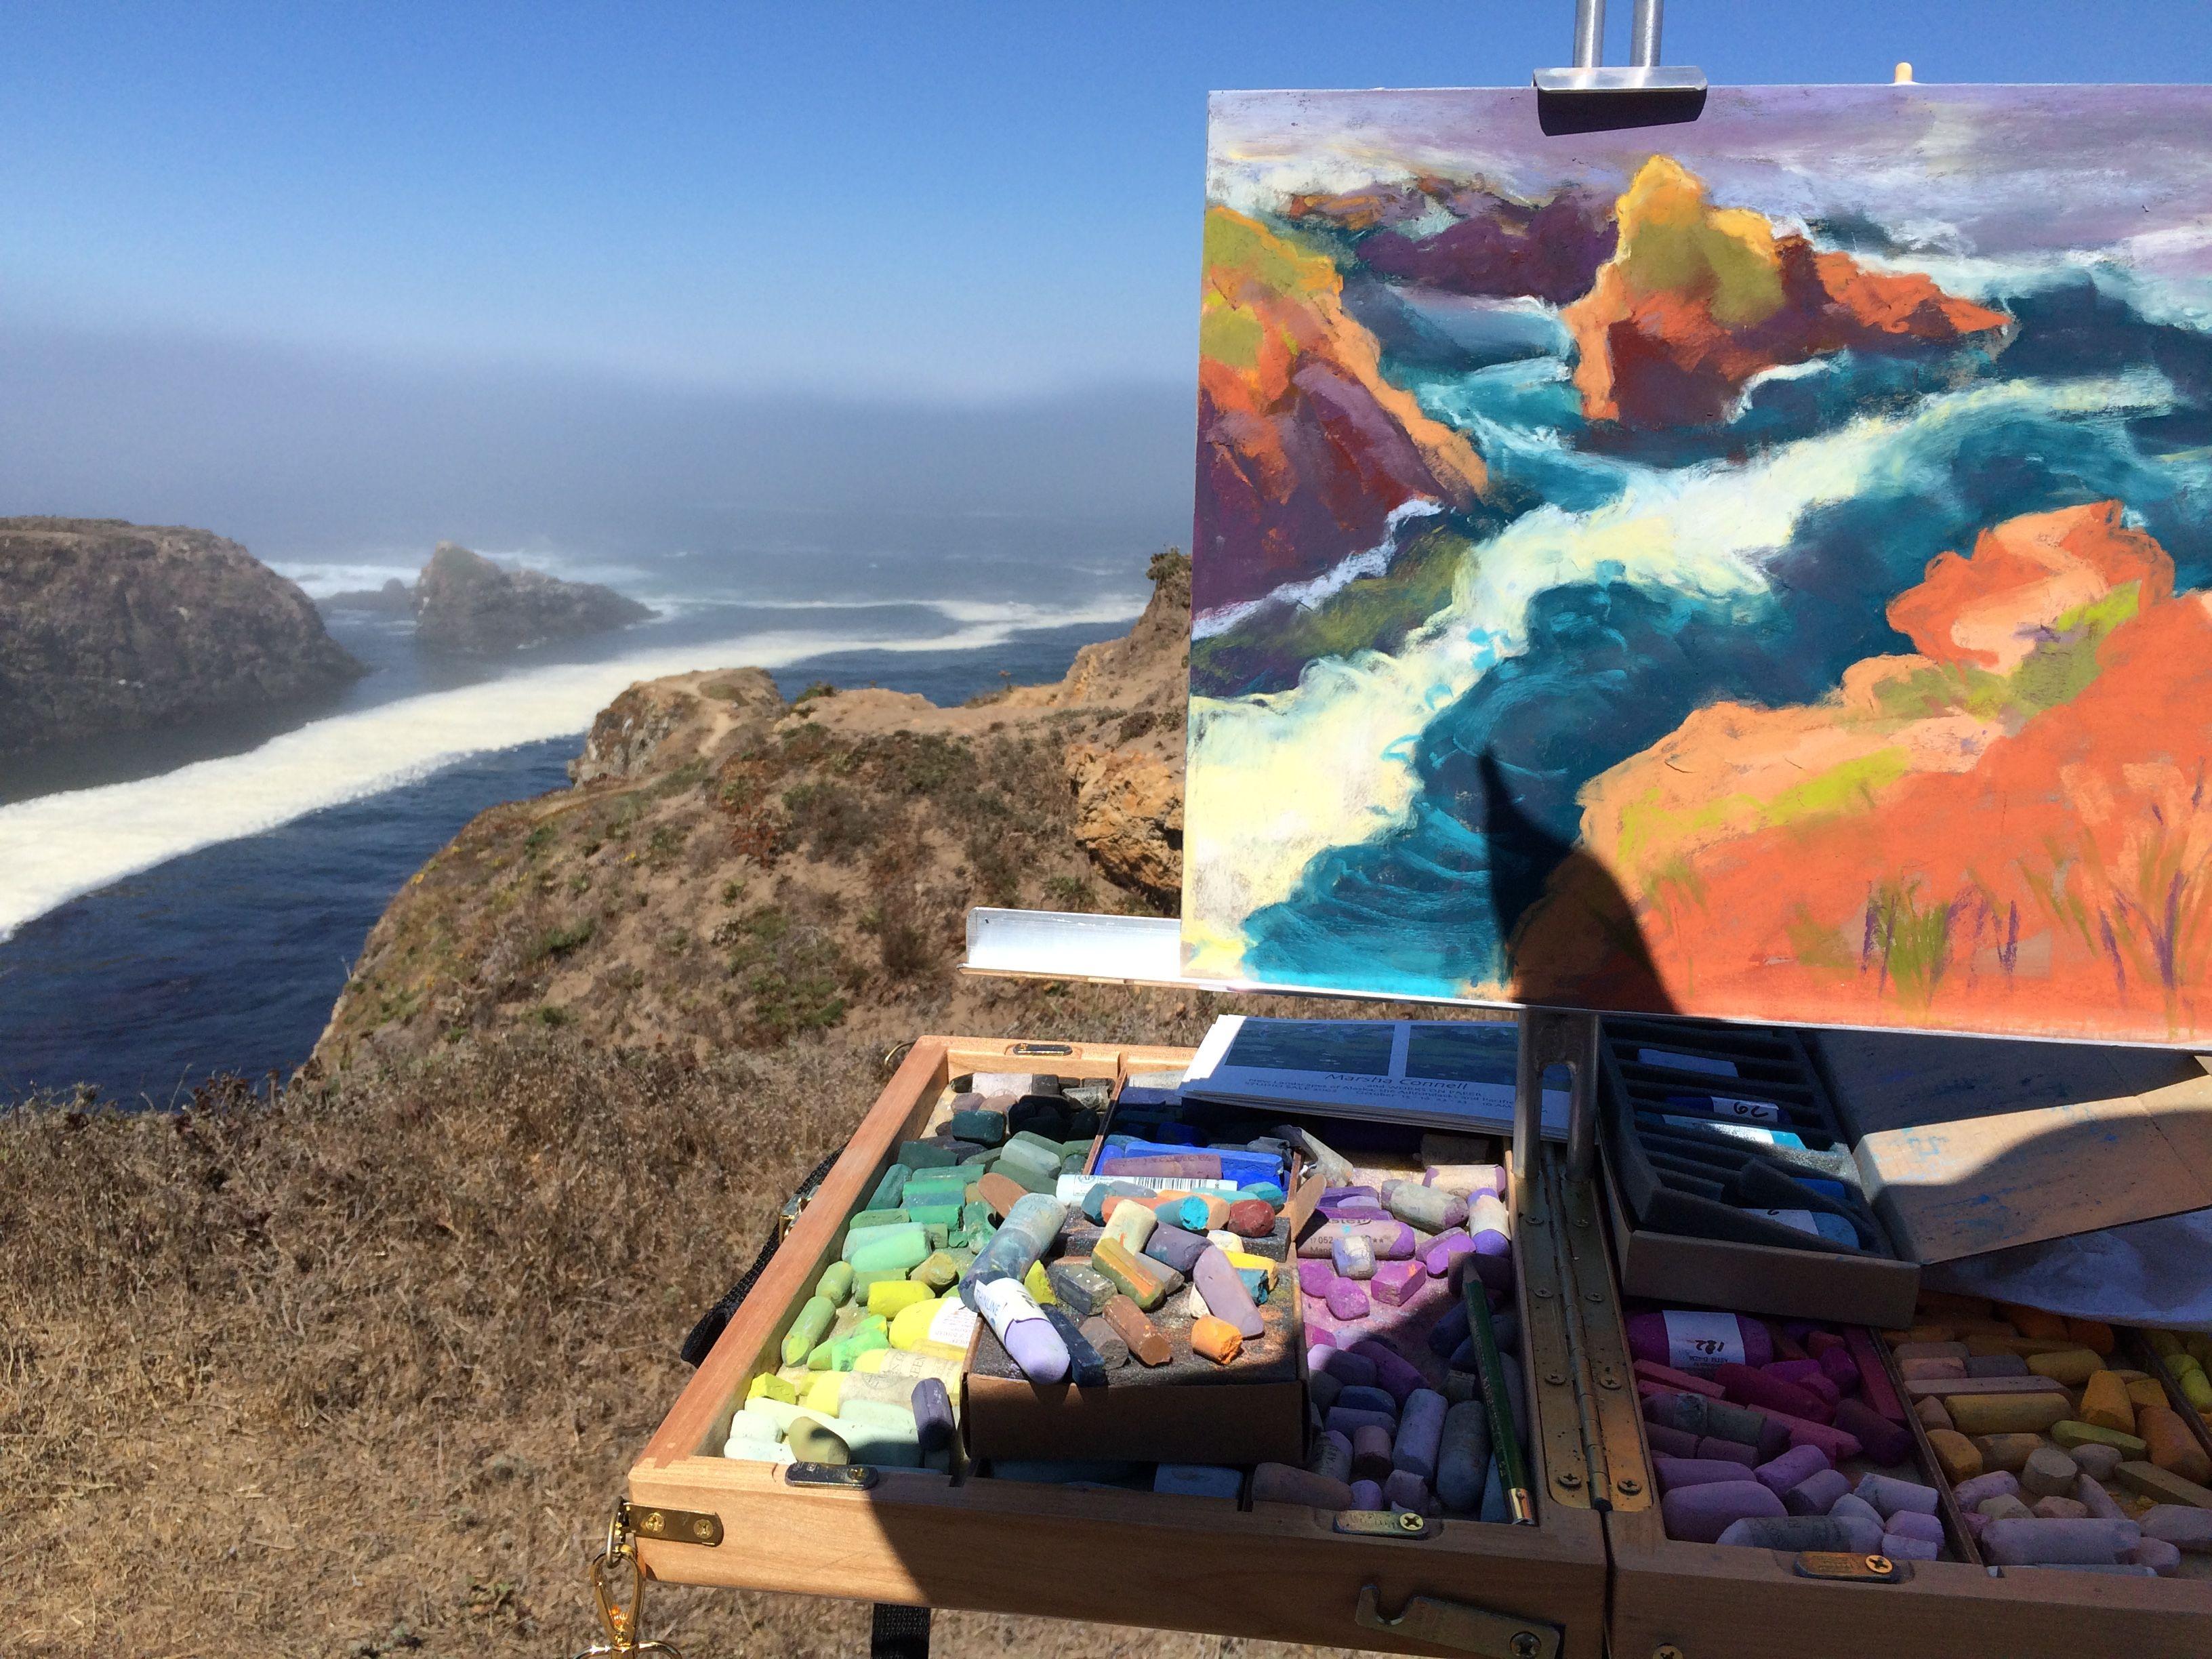 Pastel painting in progress Mendocino Headlands West 2